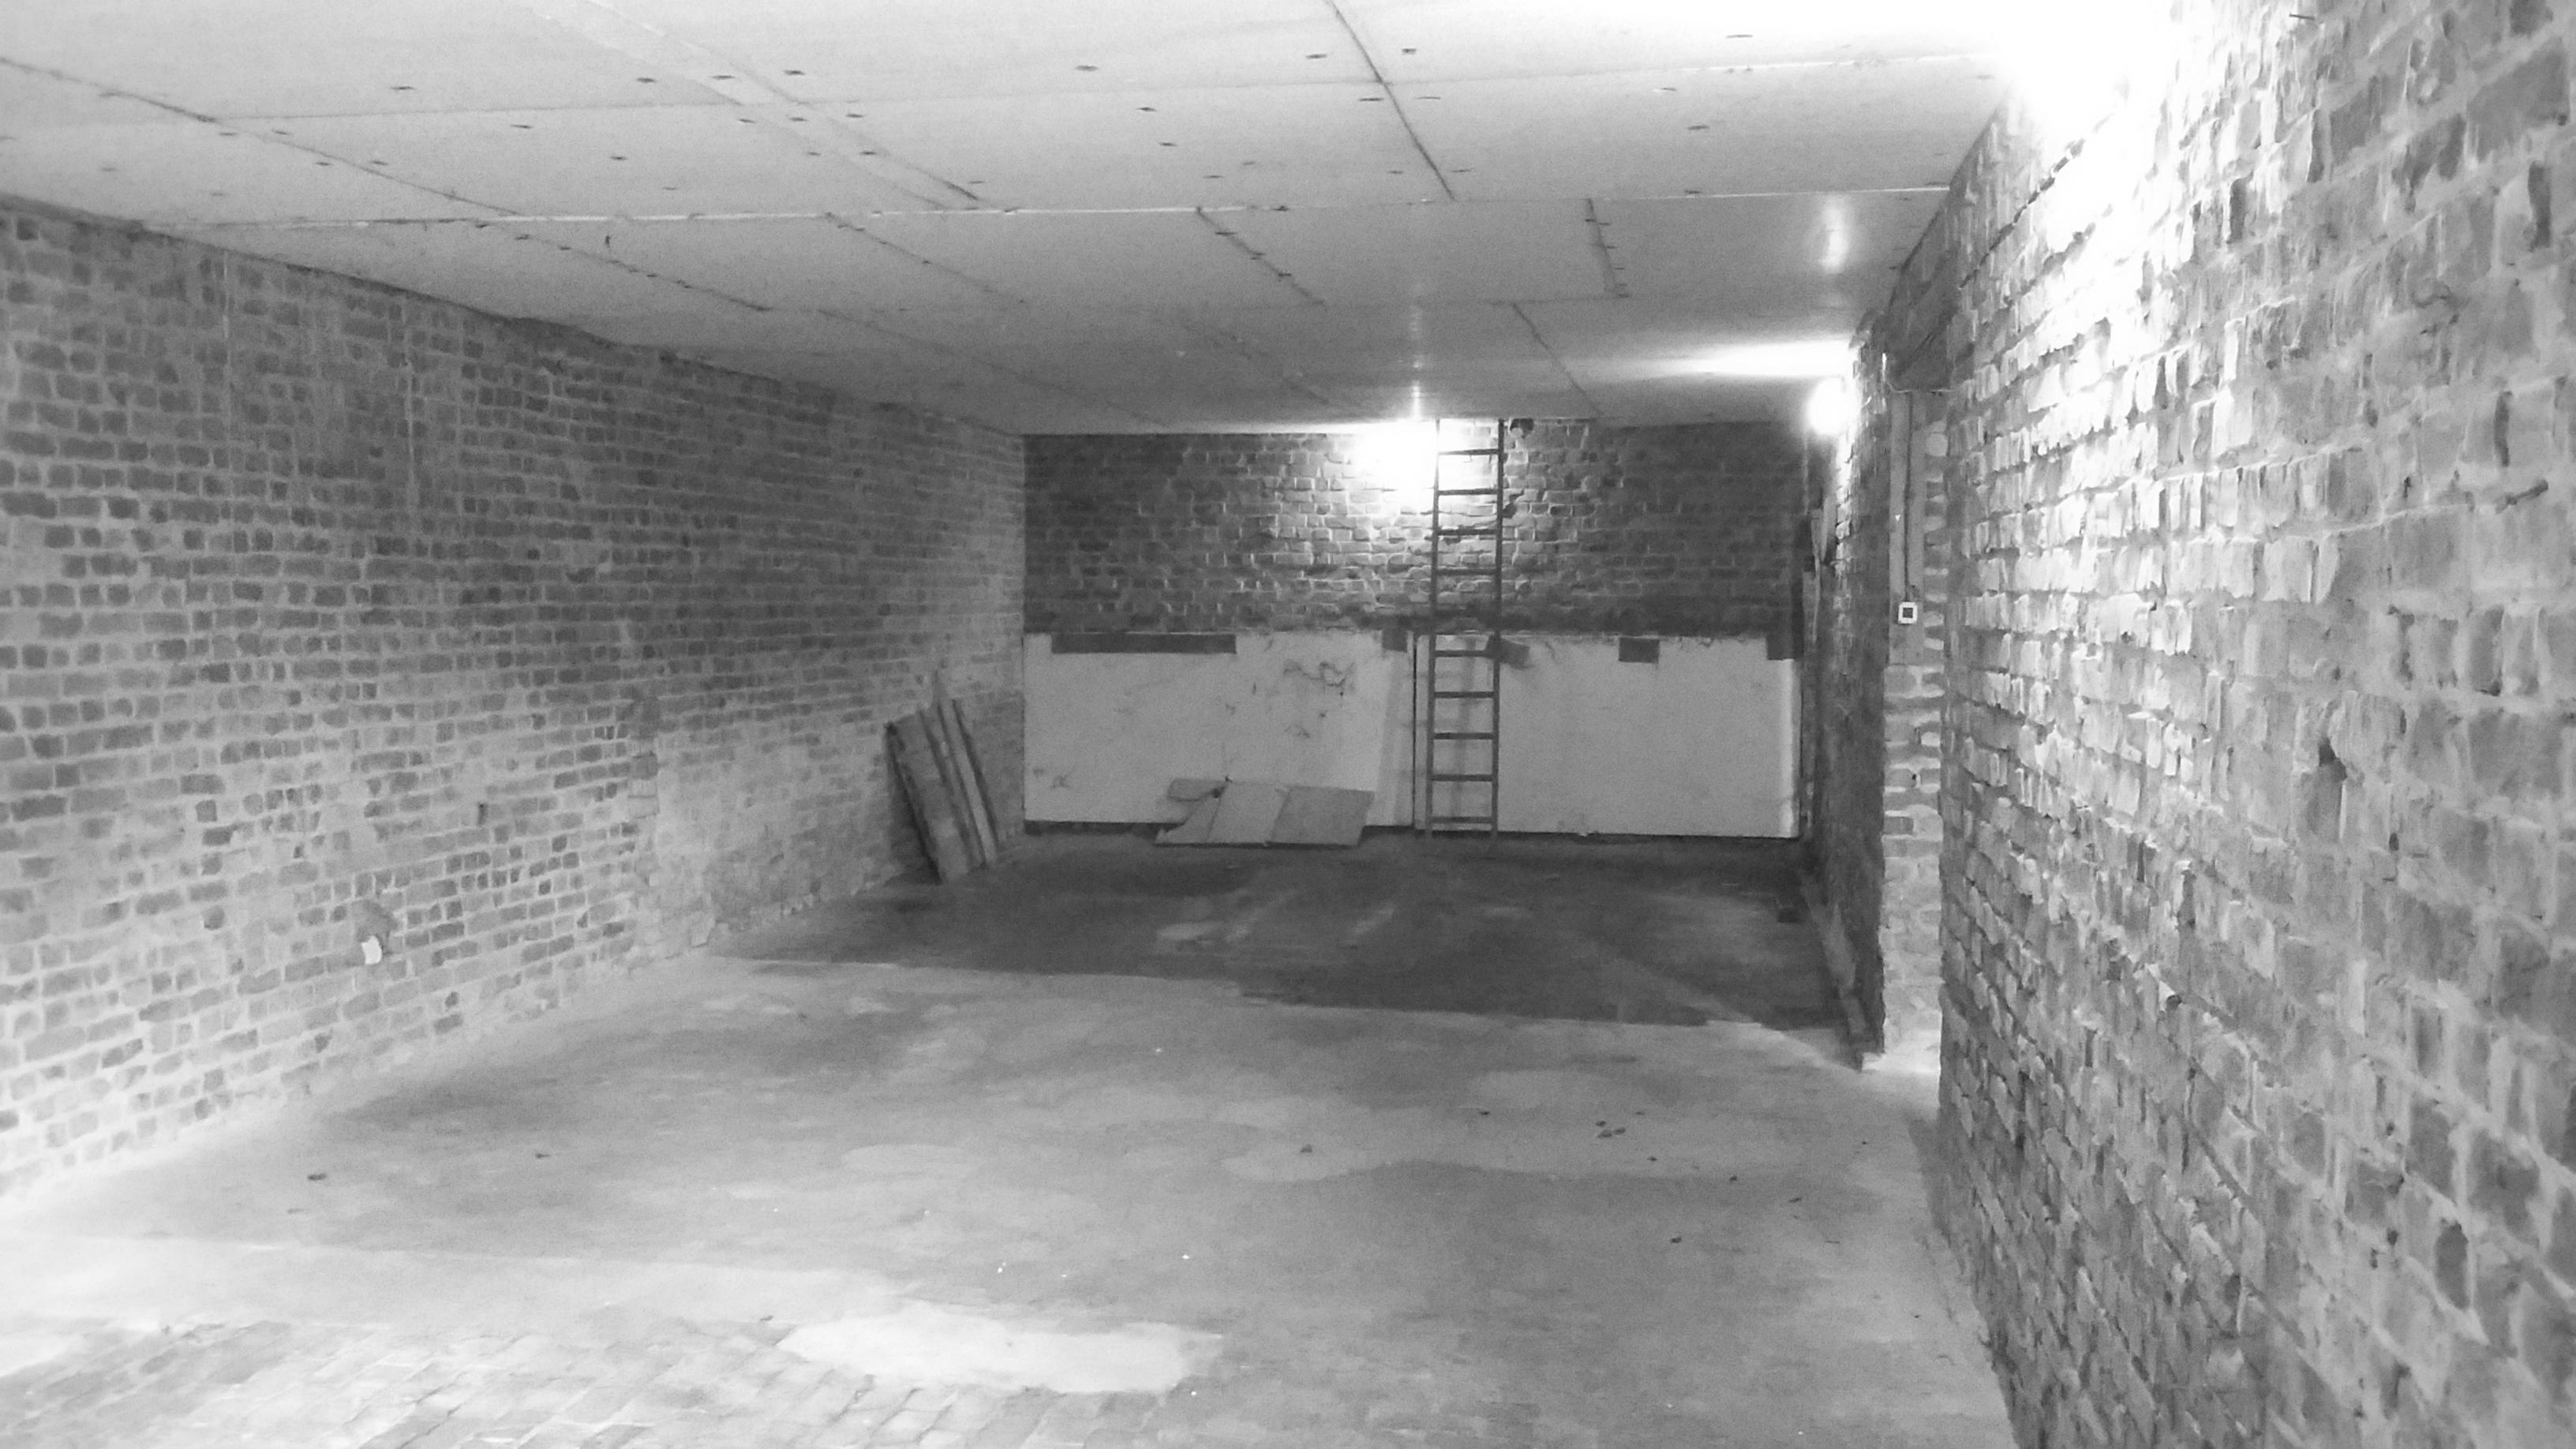 16-08-atelier-permis-de-construire-grange-nord21